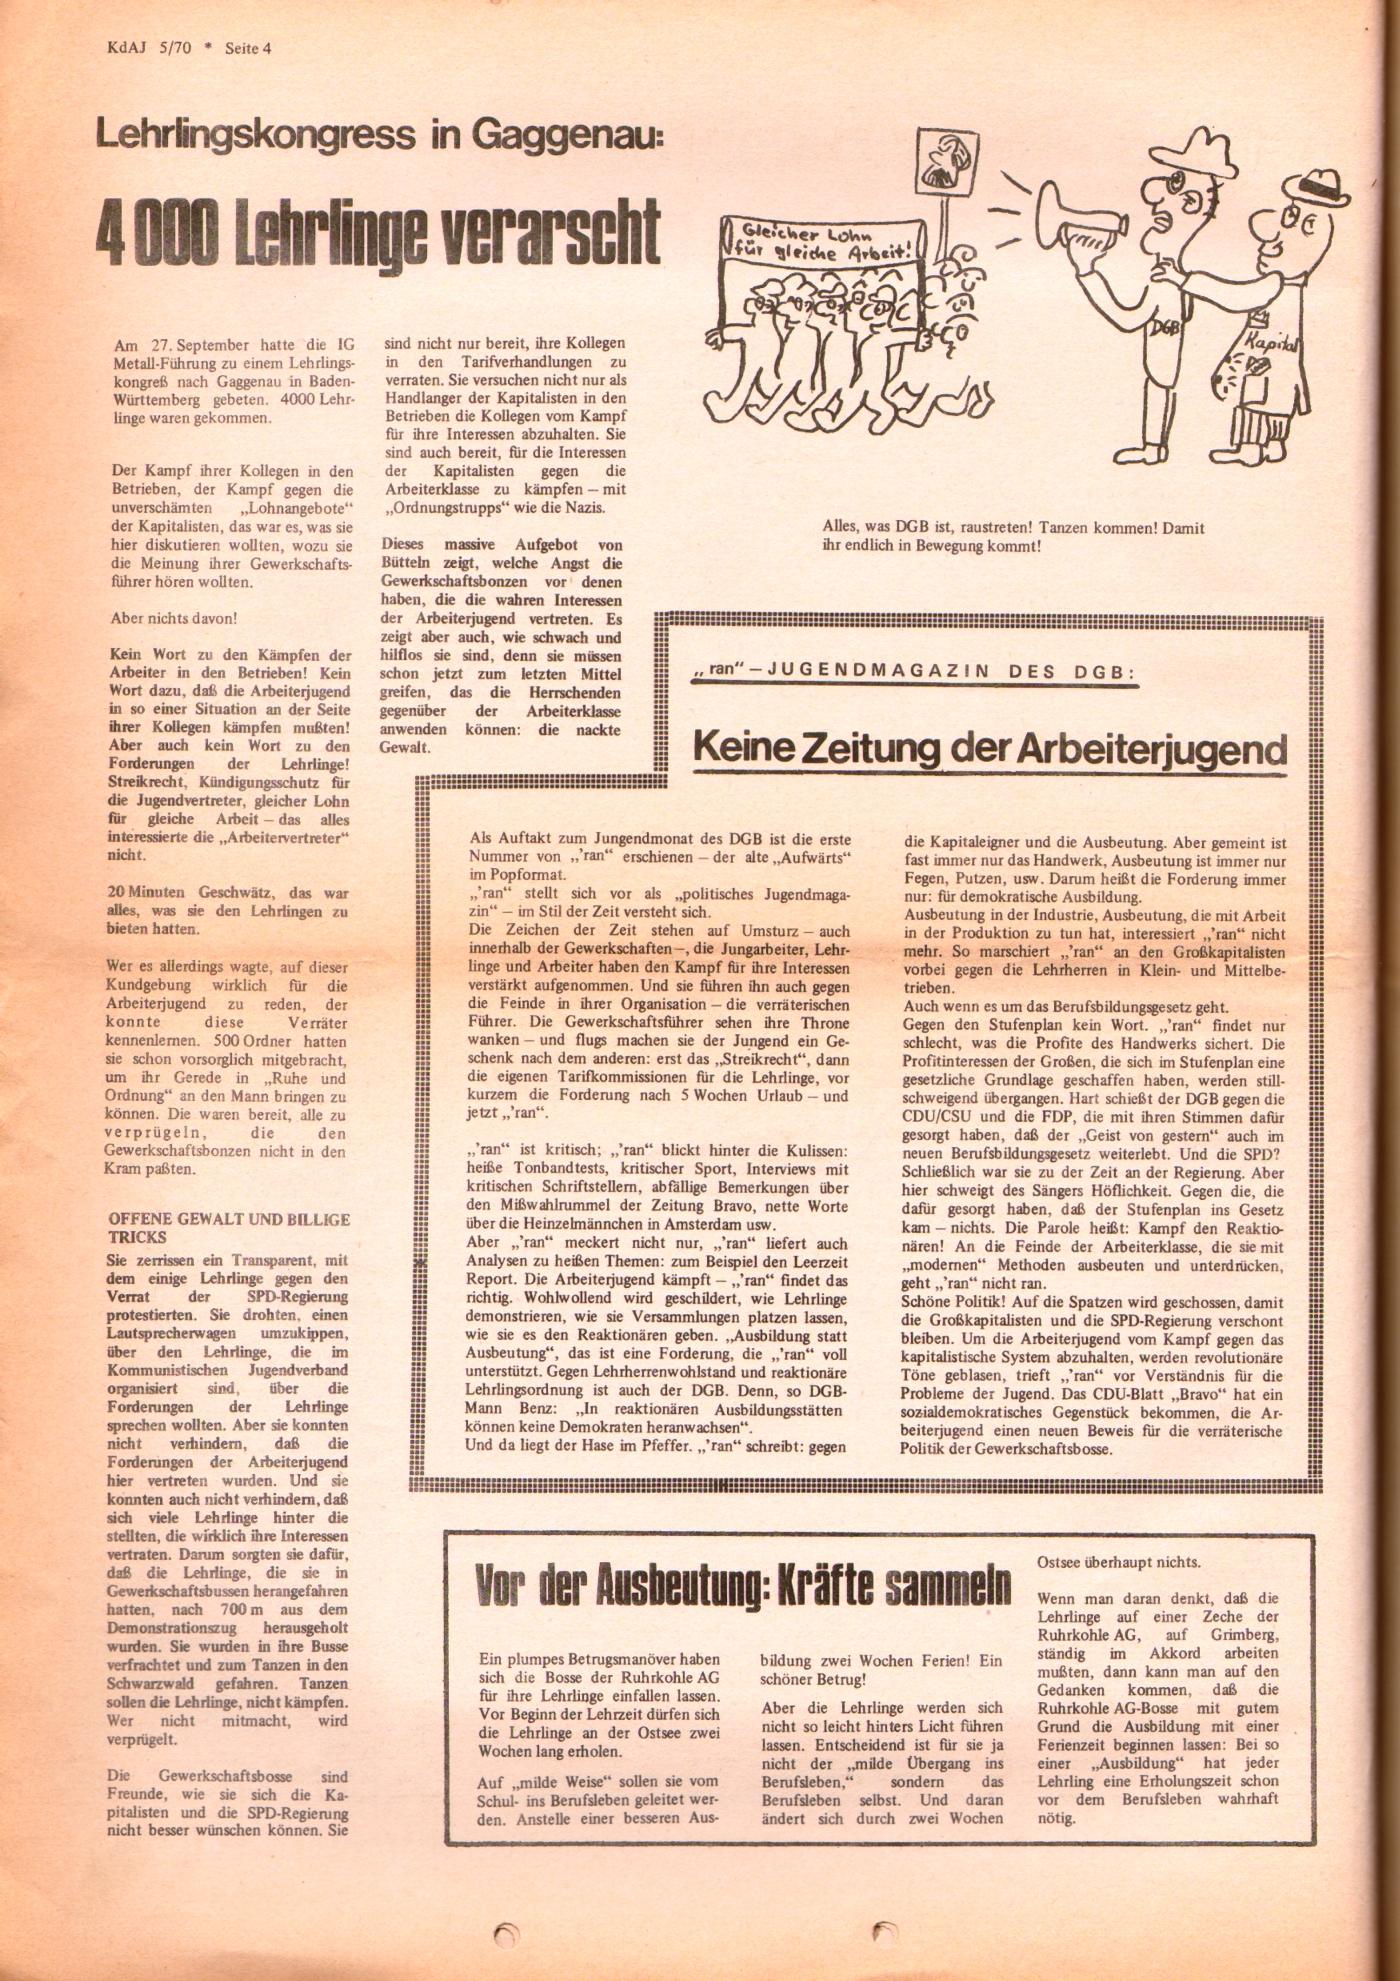 KDAJ, 1. Jg., November 1970, Nr. 5, Seite 4